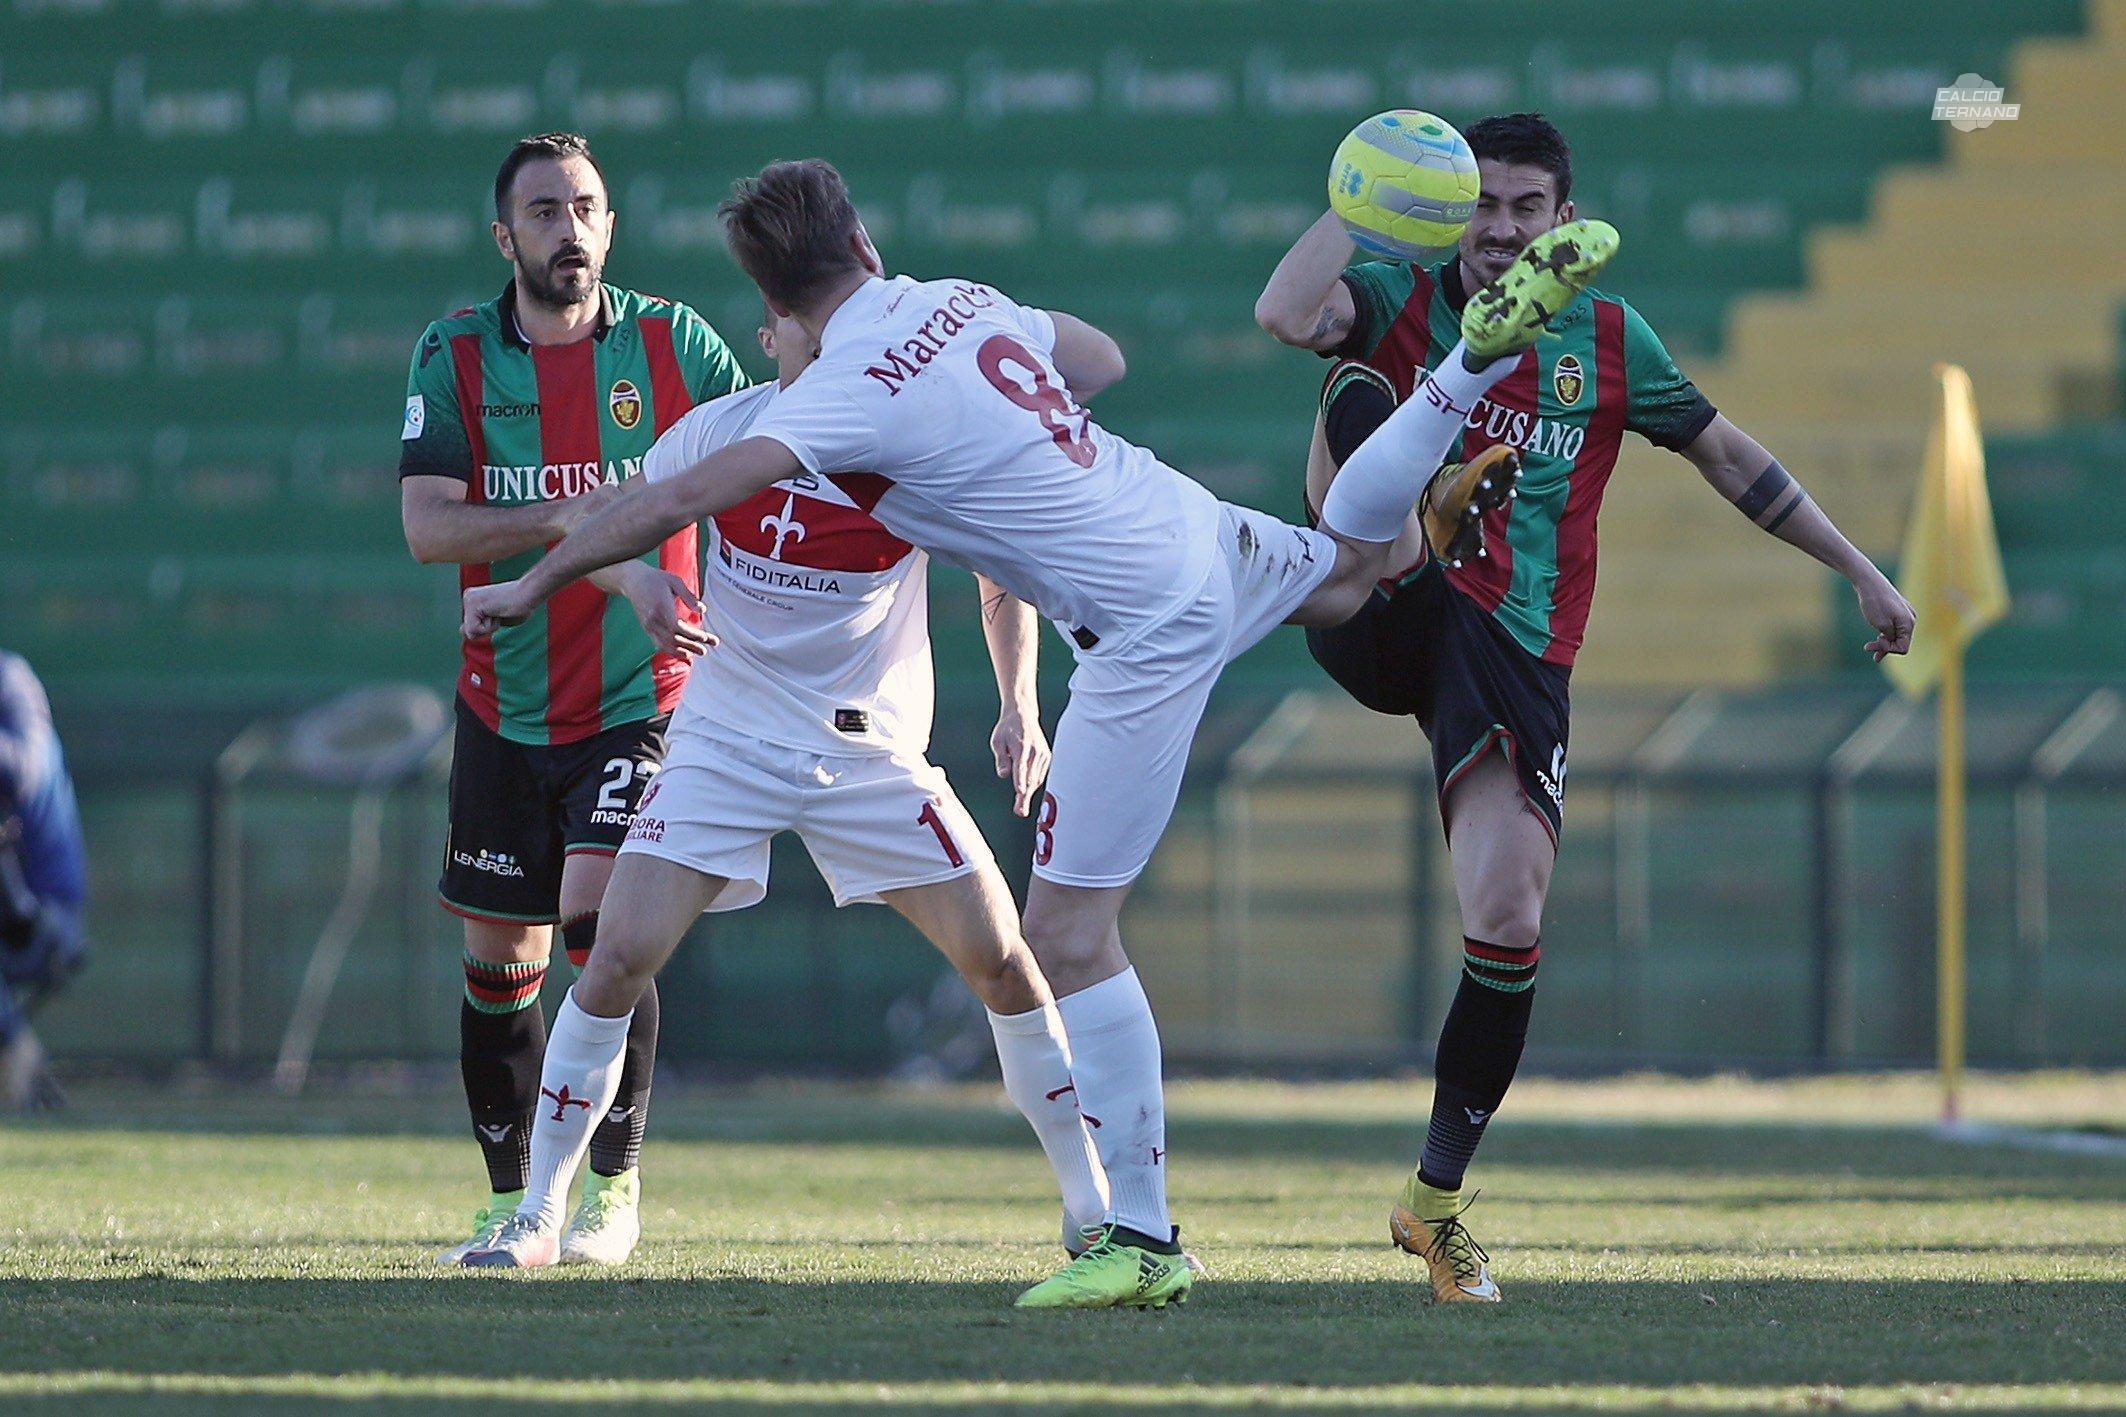 Lega Pro Ternana-Monza, le probabili formazioni